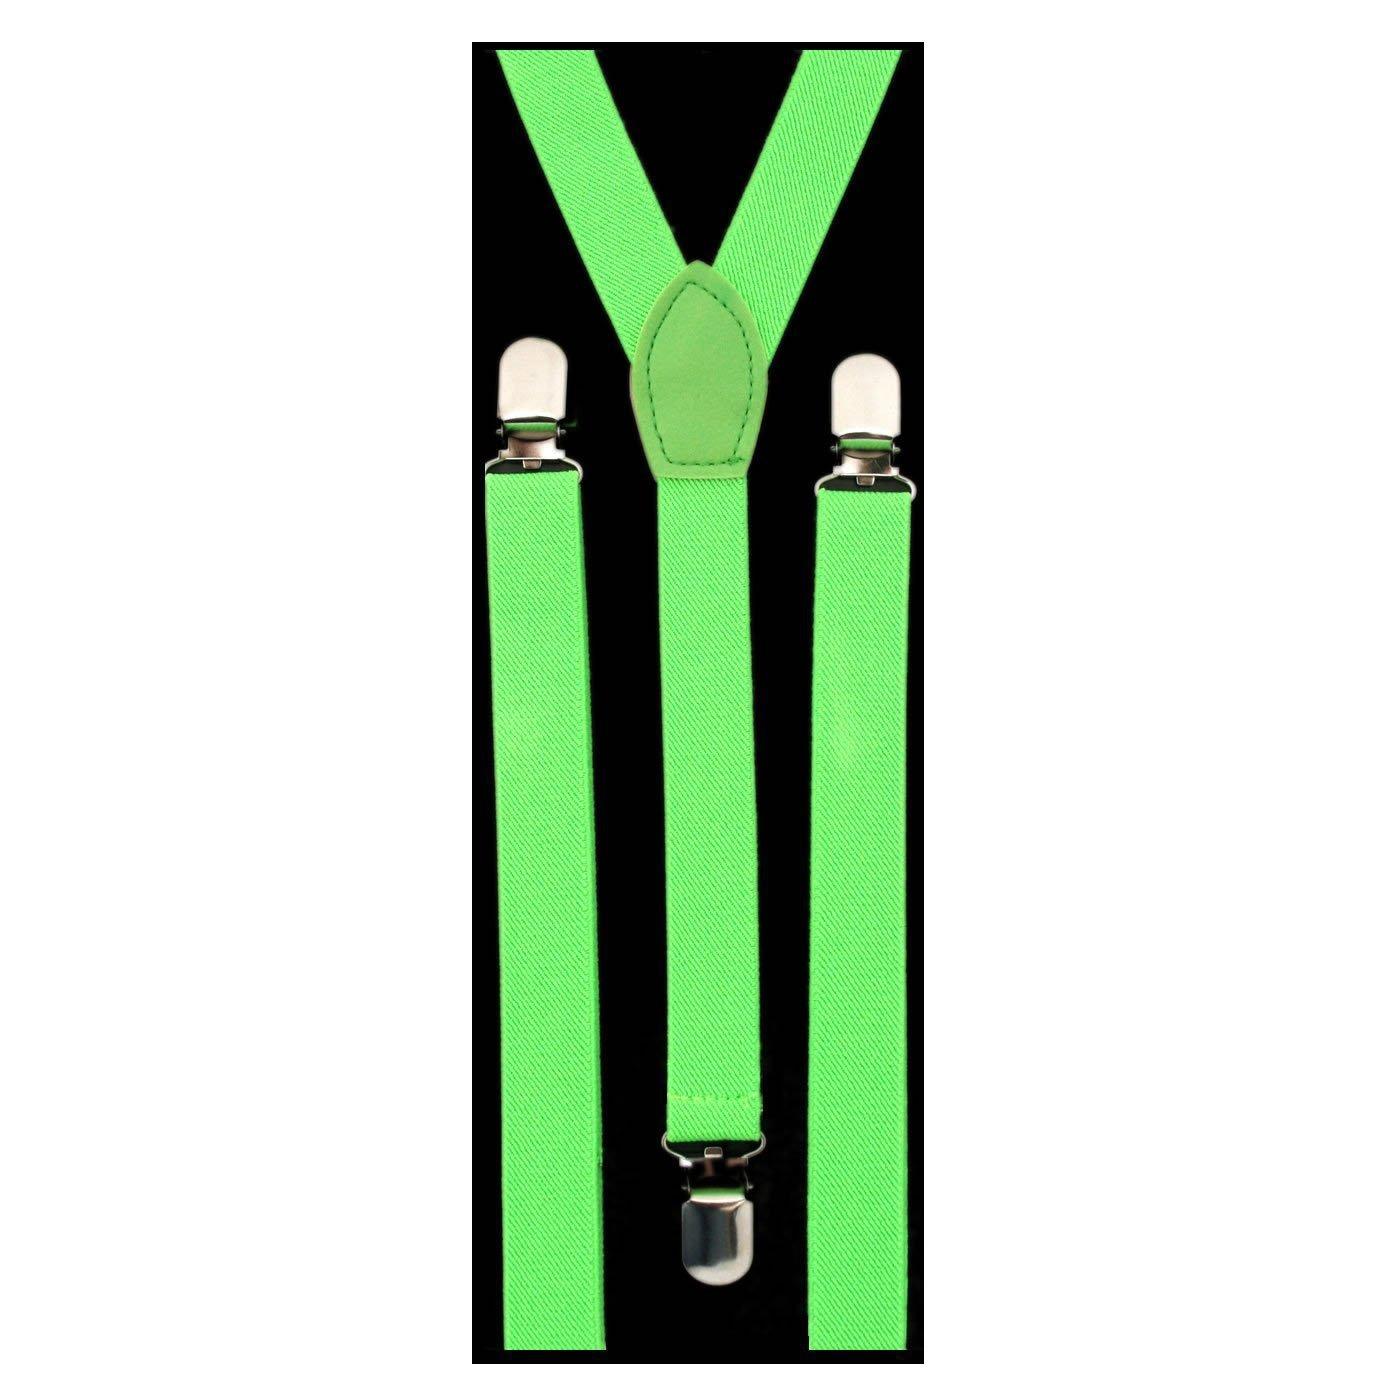 Pair of Neon Skinny Braces (Suspenders) Unisex Adjustable - Green